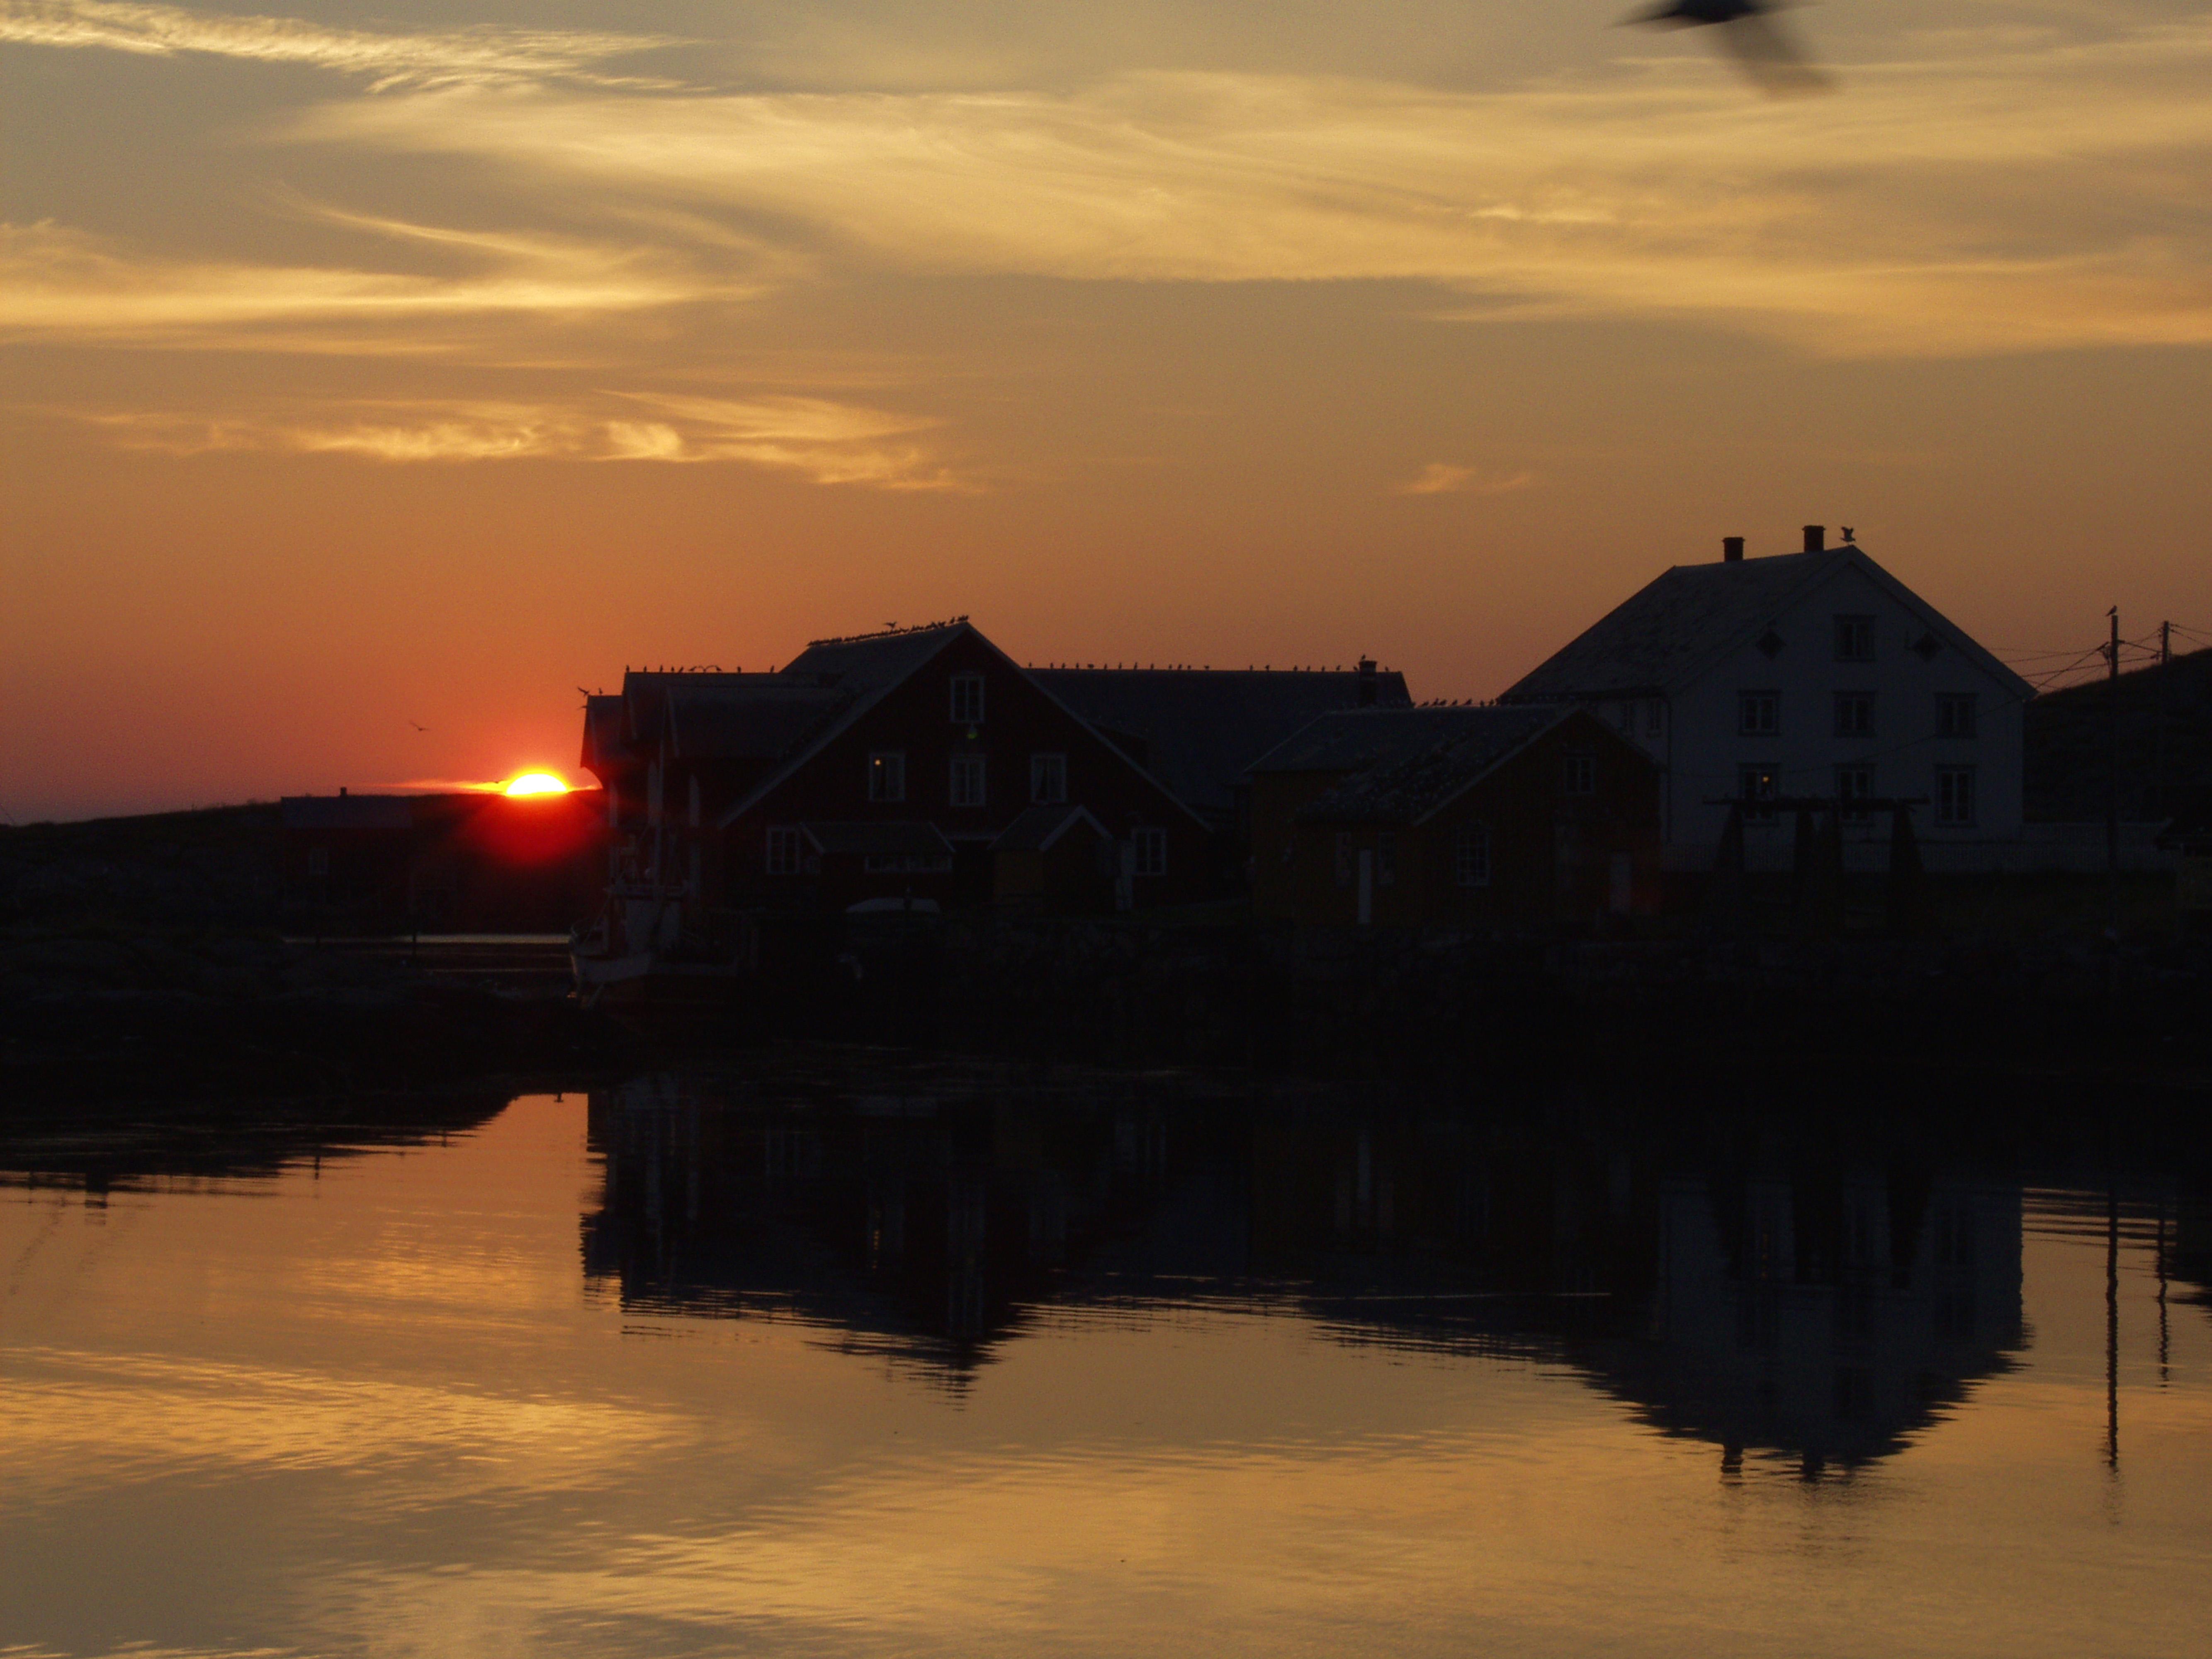 Norveg_Flatholmen i solnedgang.